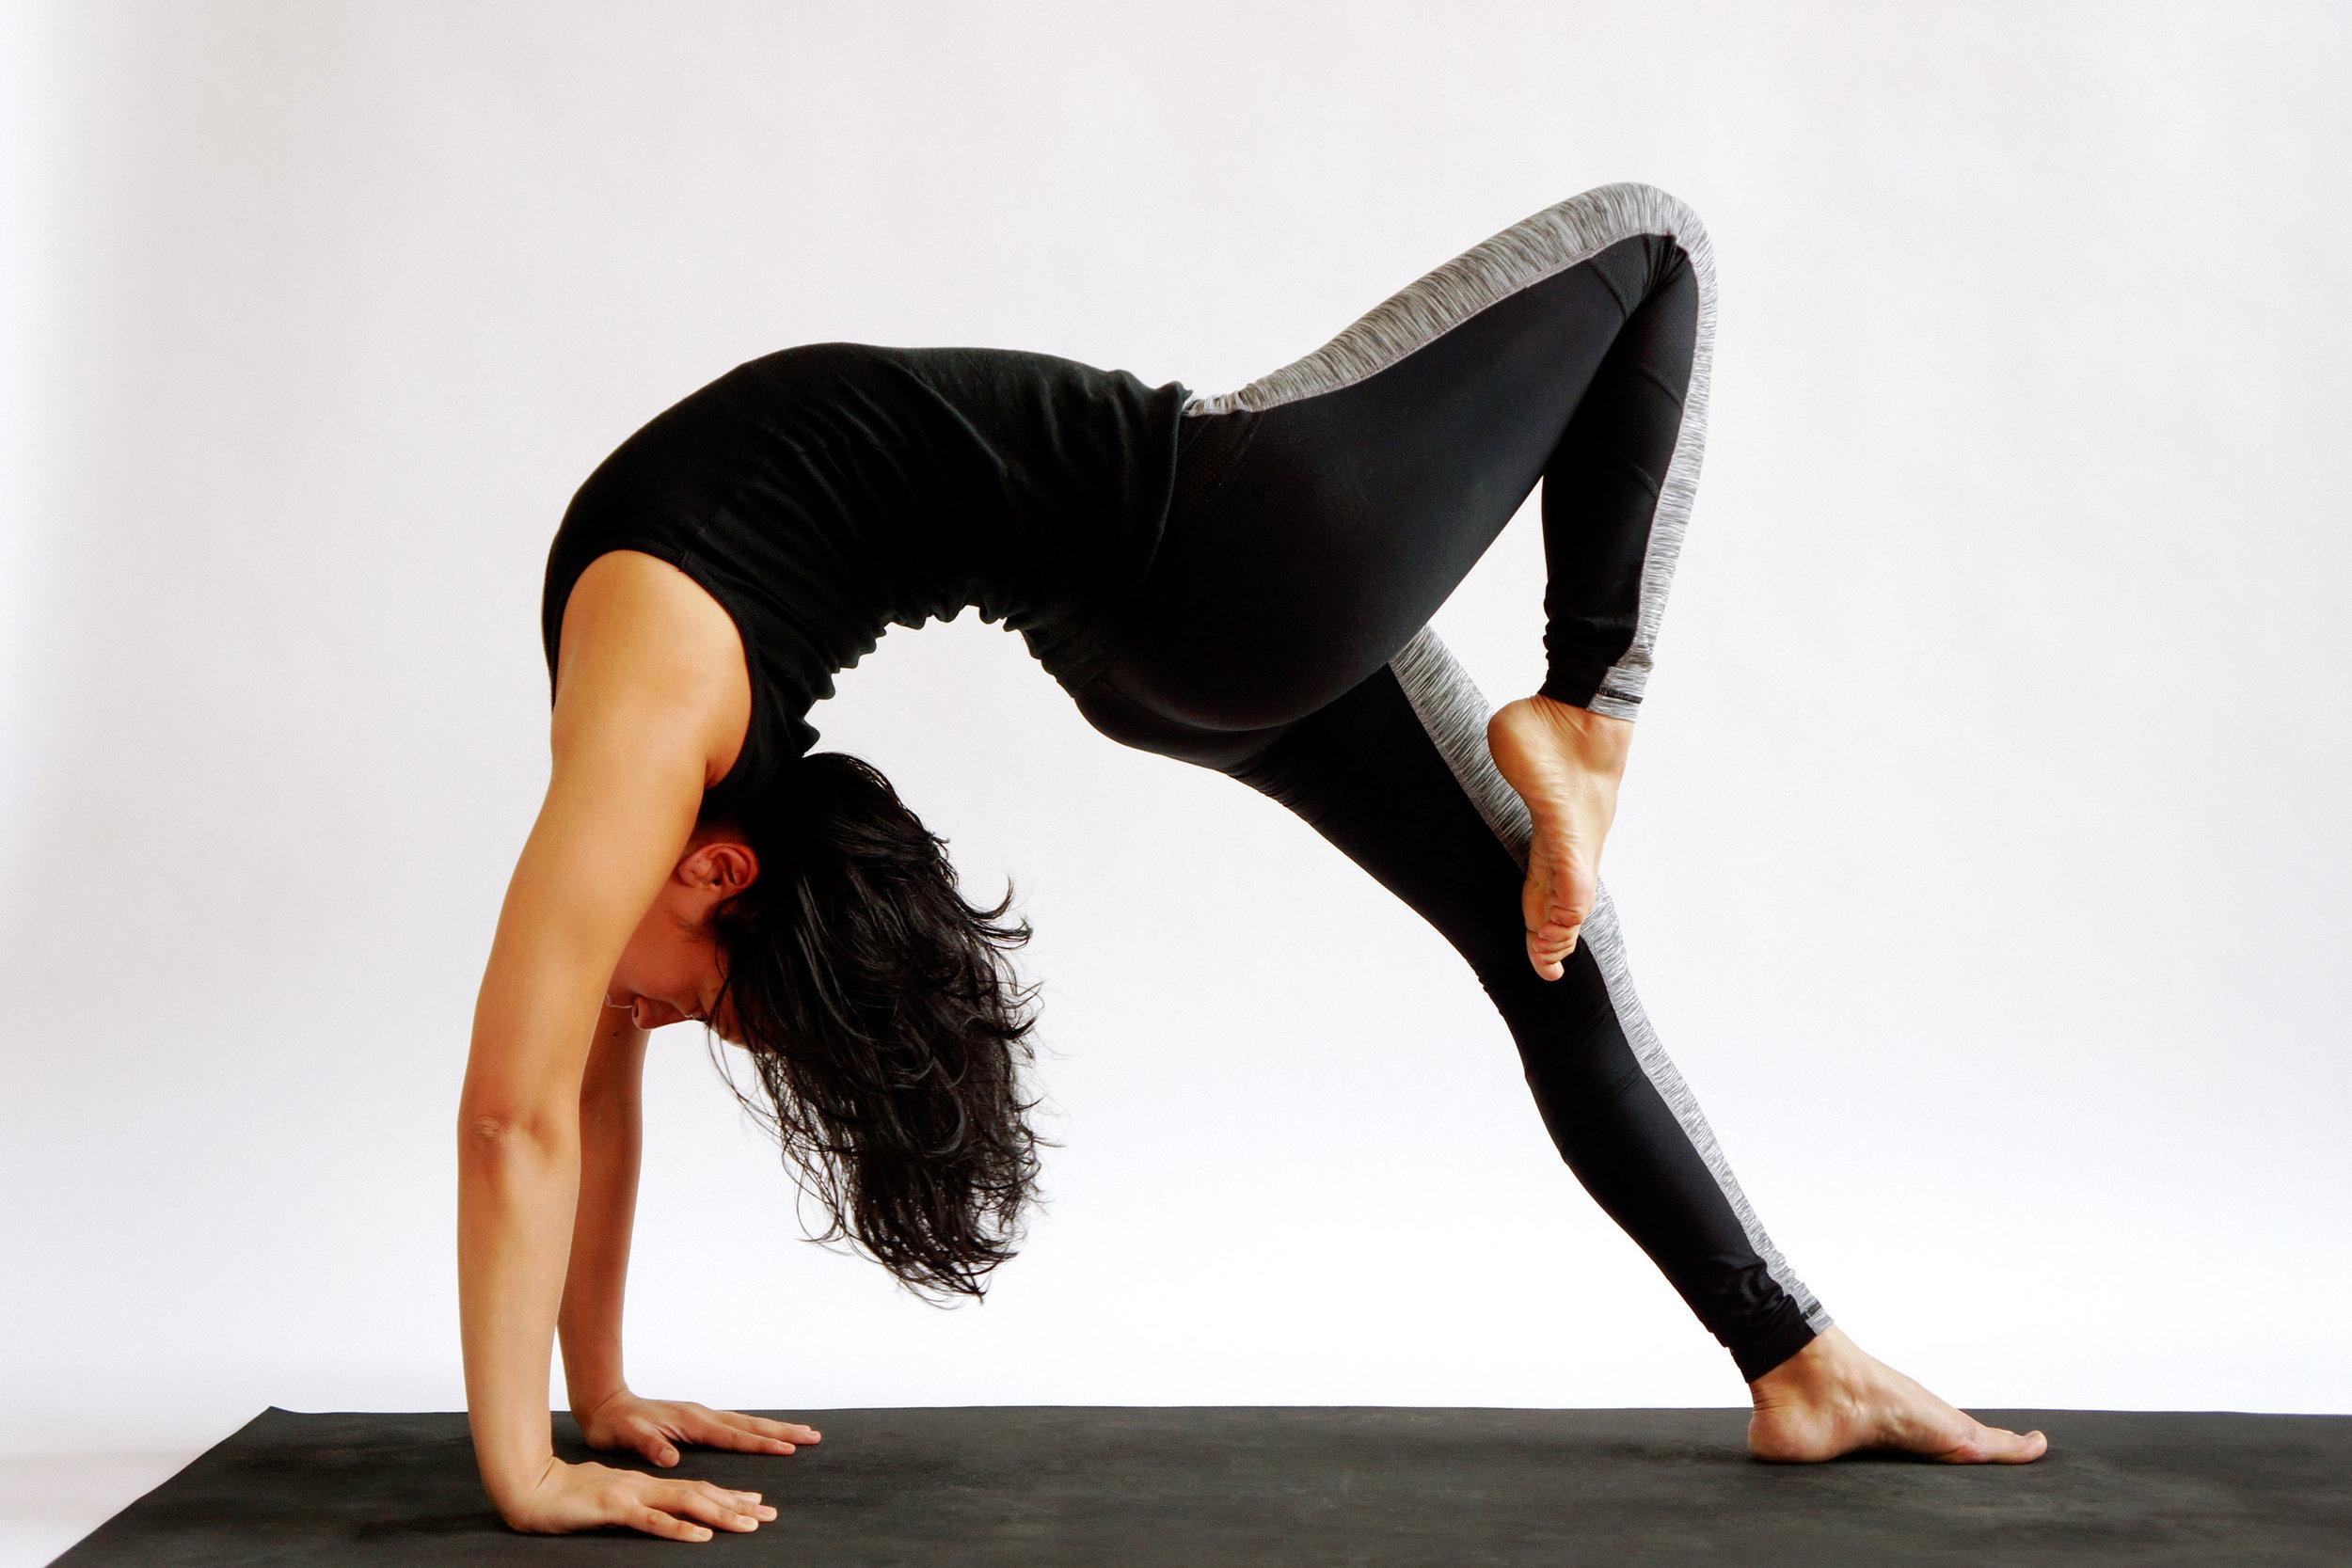 Danielle-Espiritu-Yoga-wheel-pose.jpg